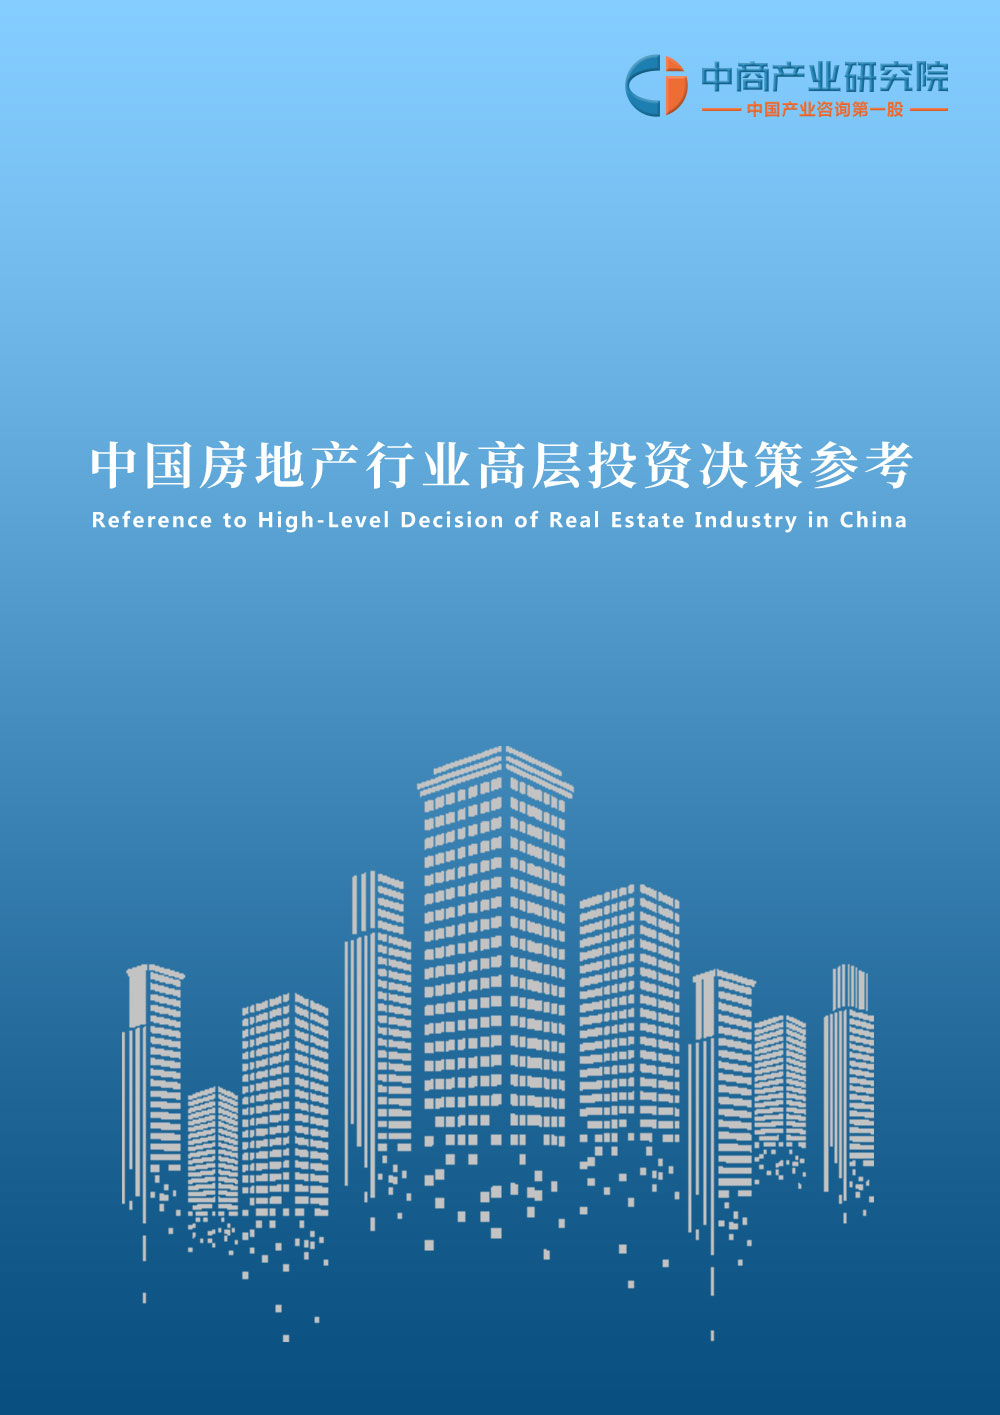 中国房地产行业高层投资决策参考(2019年11月)